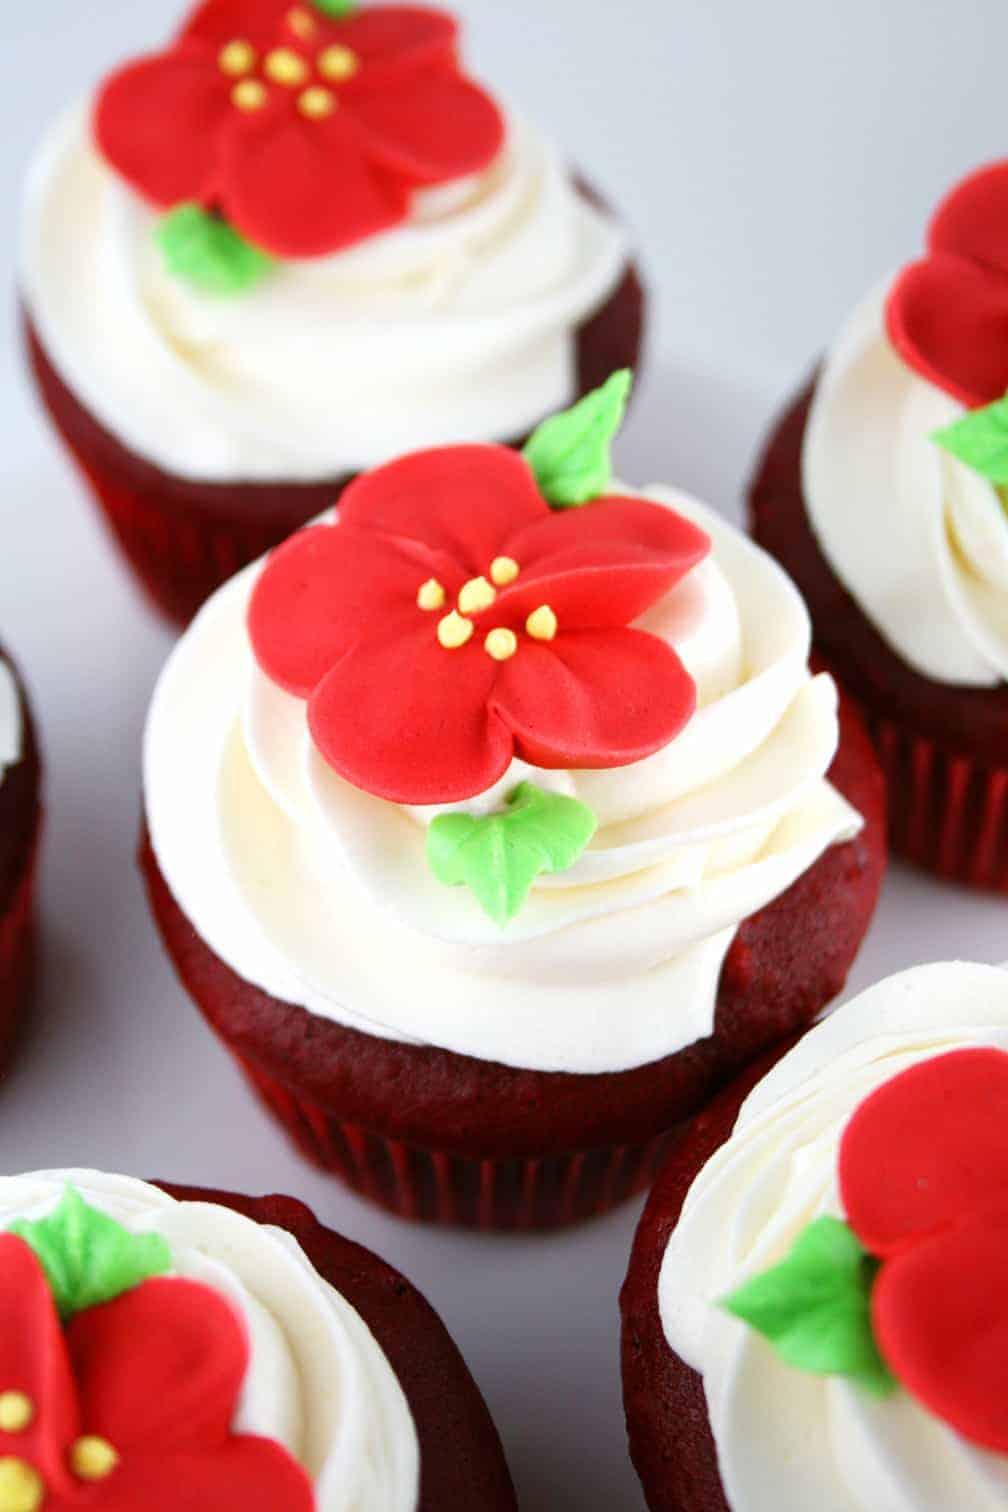 9_CupcakeClose2